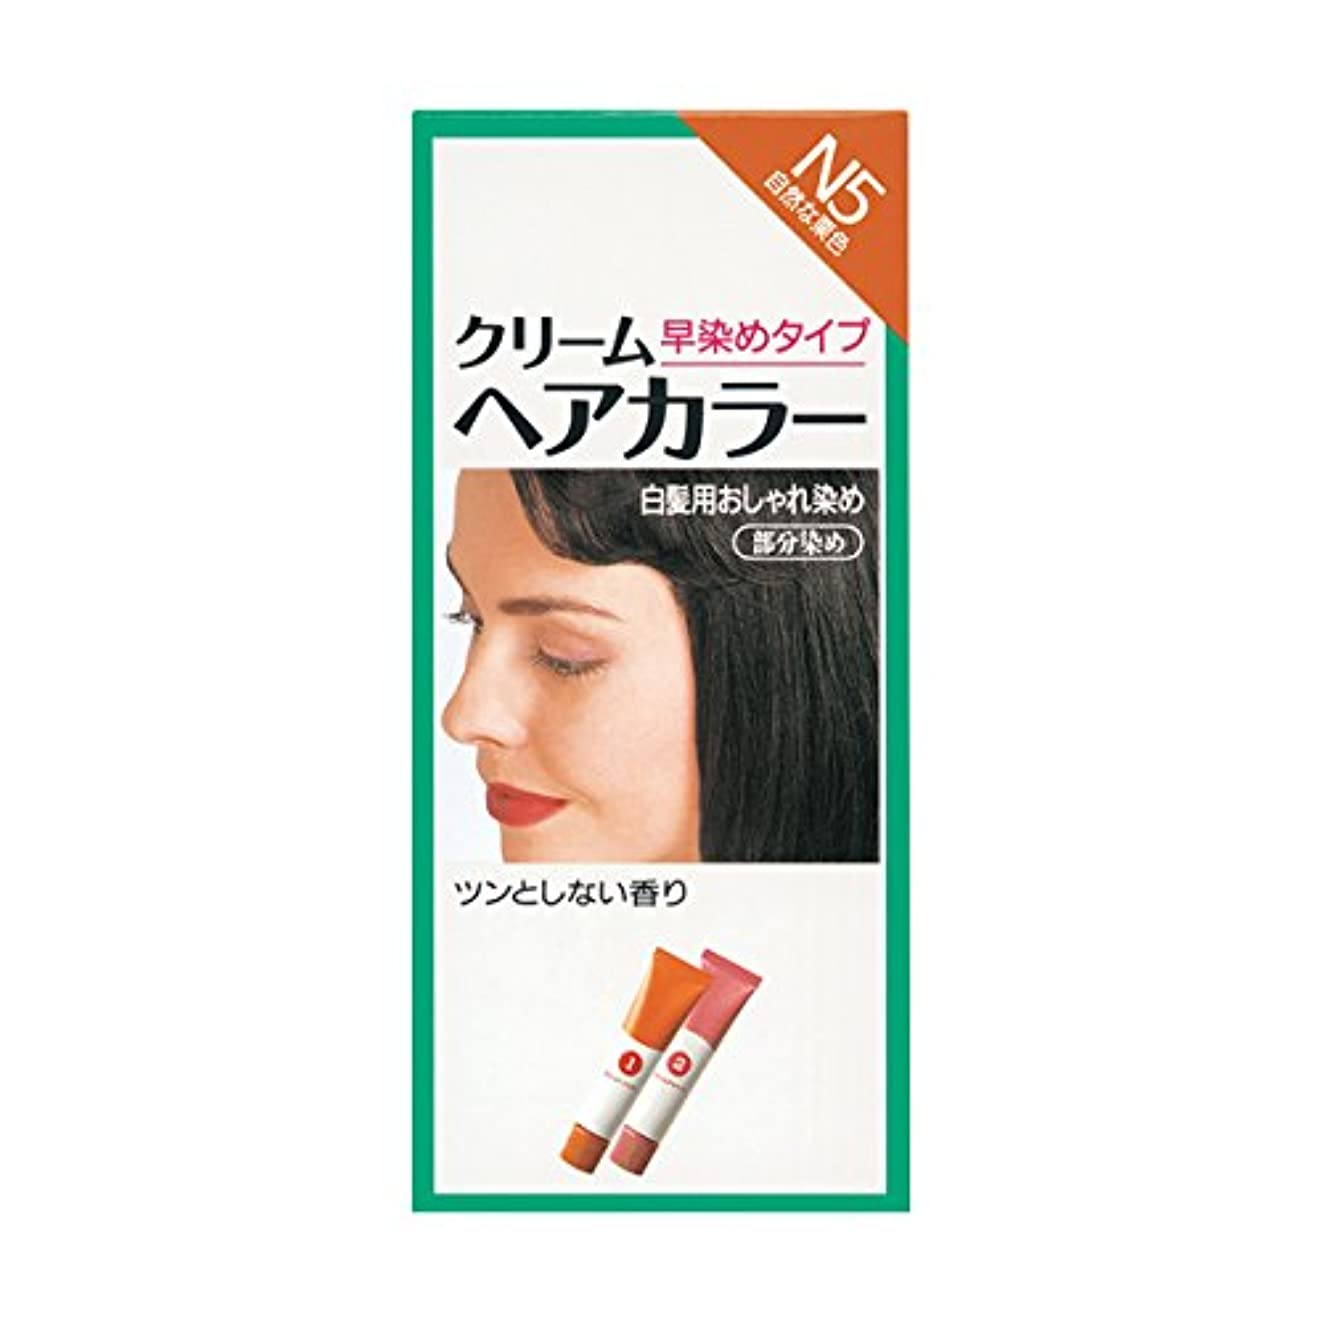 アサー非効率的な性的ヘアカラー クリームヘアカラーN N5 【医薬部外品】